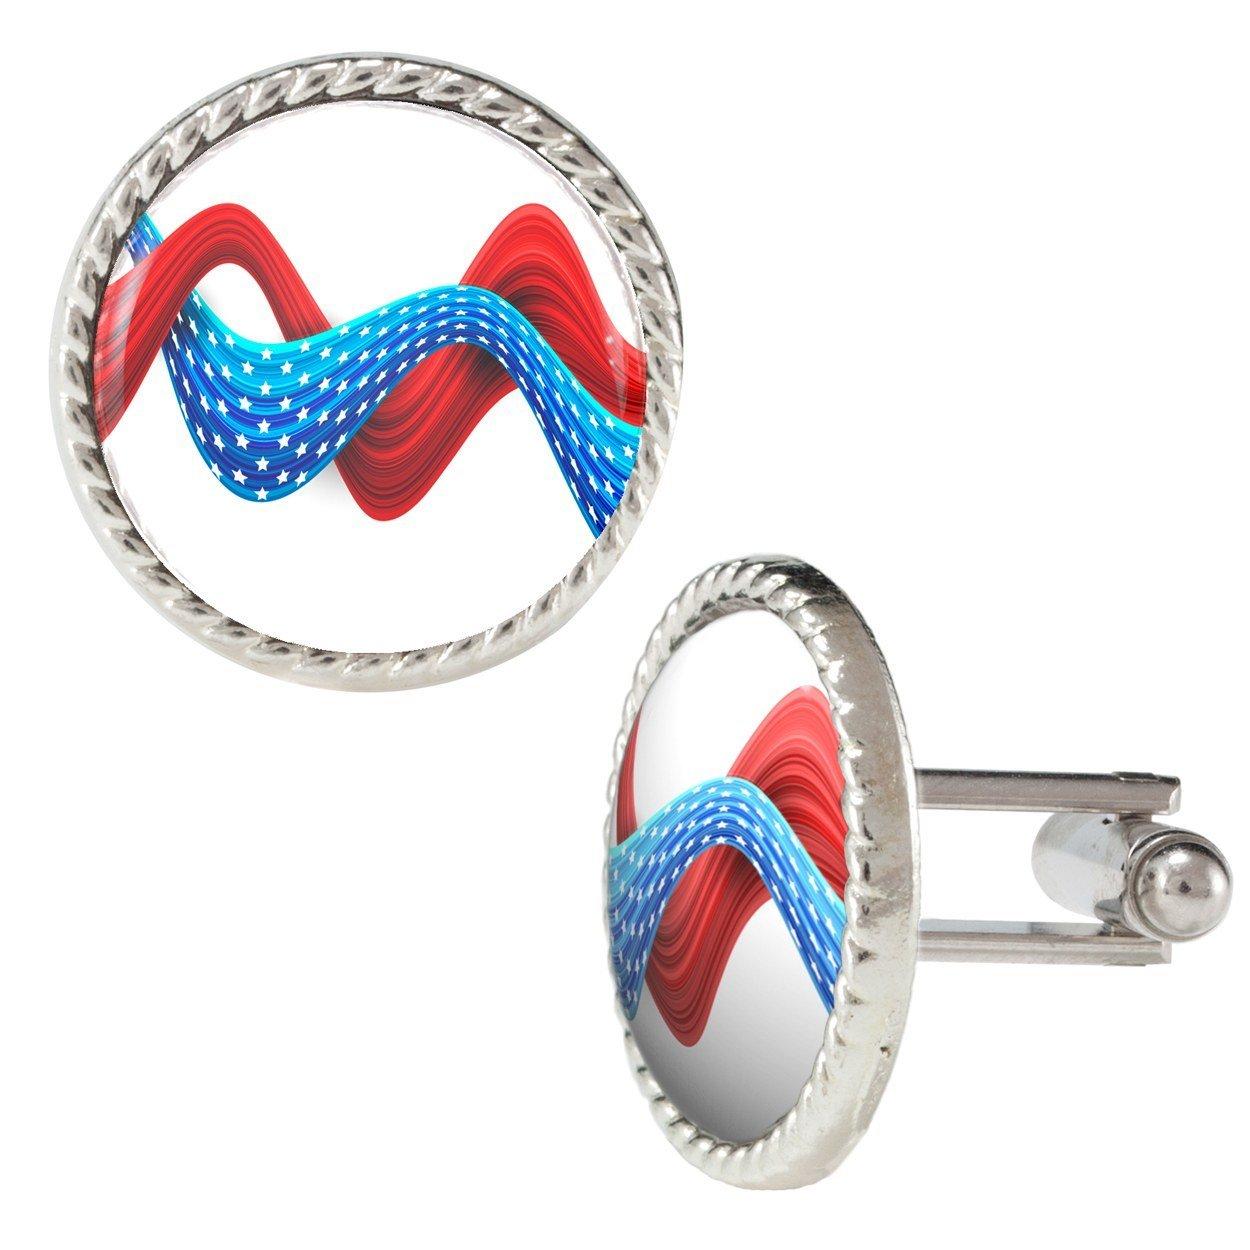 Cintas de color rojo y azul con estrellas ilustración en color blanco Gemelos: Amazon.es: Joyería